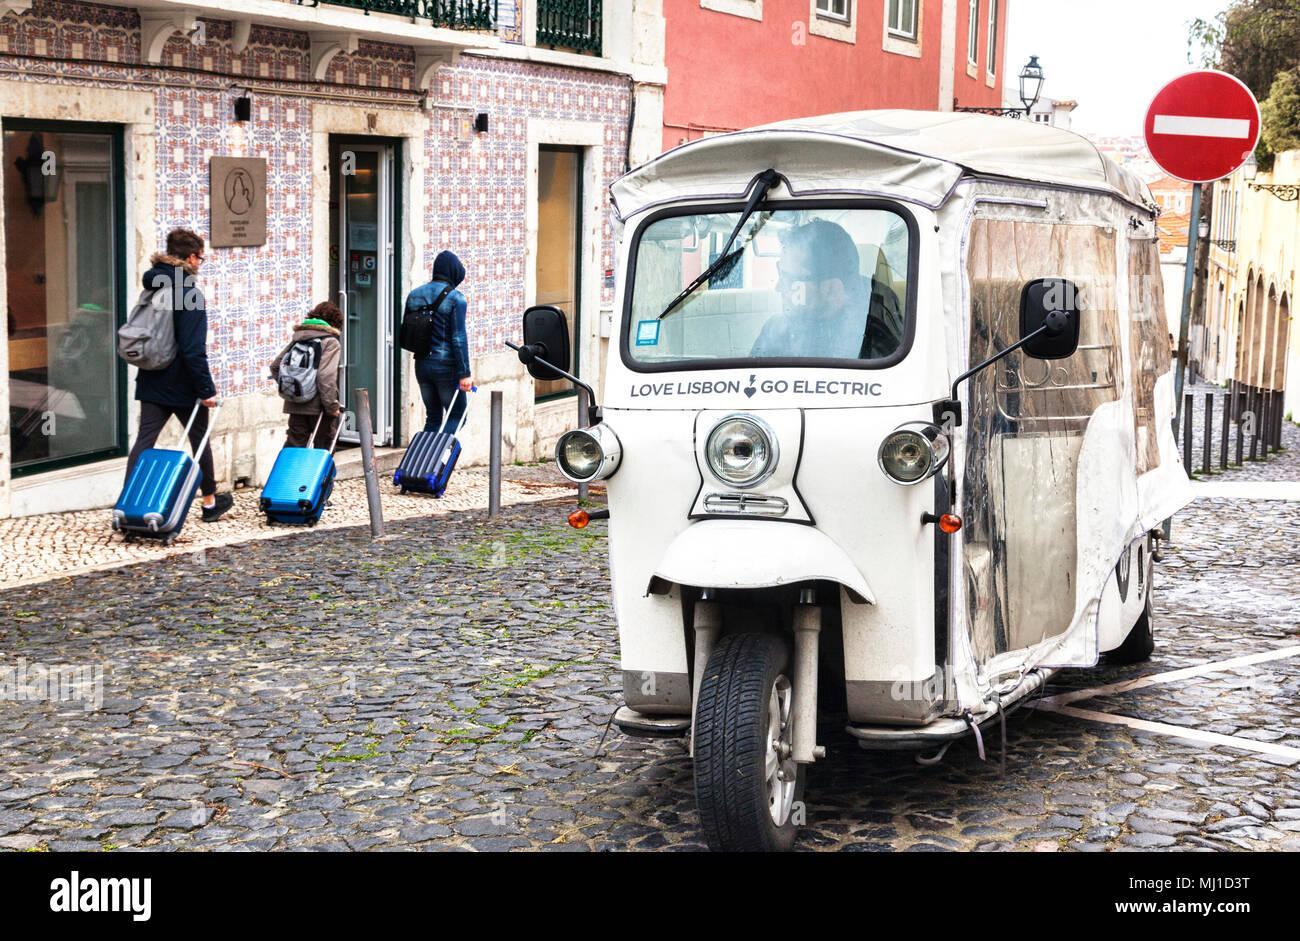 1 mars 2018: Lisbonne, Portugal - Electric tuk tuk dans la vieille ville de Lisbonne, avec le mot d'amour Aller Lisbonne Electric. Photo Stock